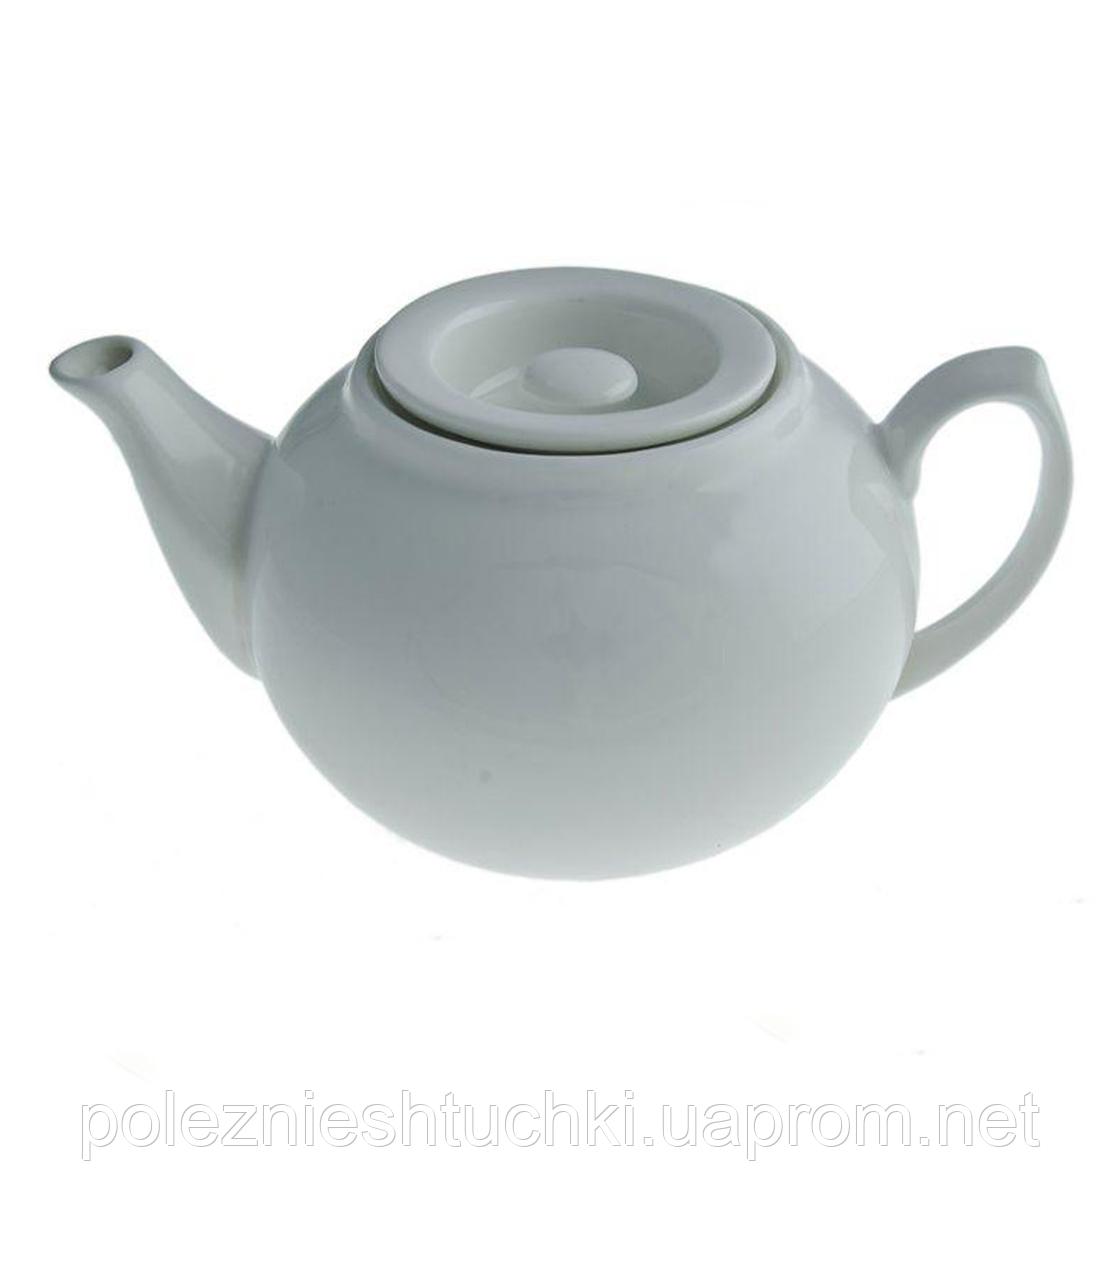 Кришка для заварювального чайника фарфоровий (для 770255) біла Cafe time, FoREST